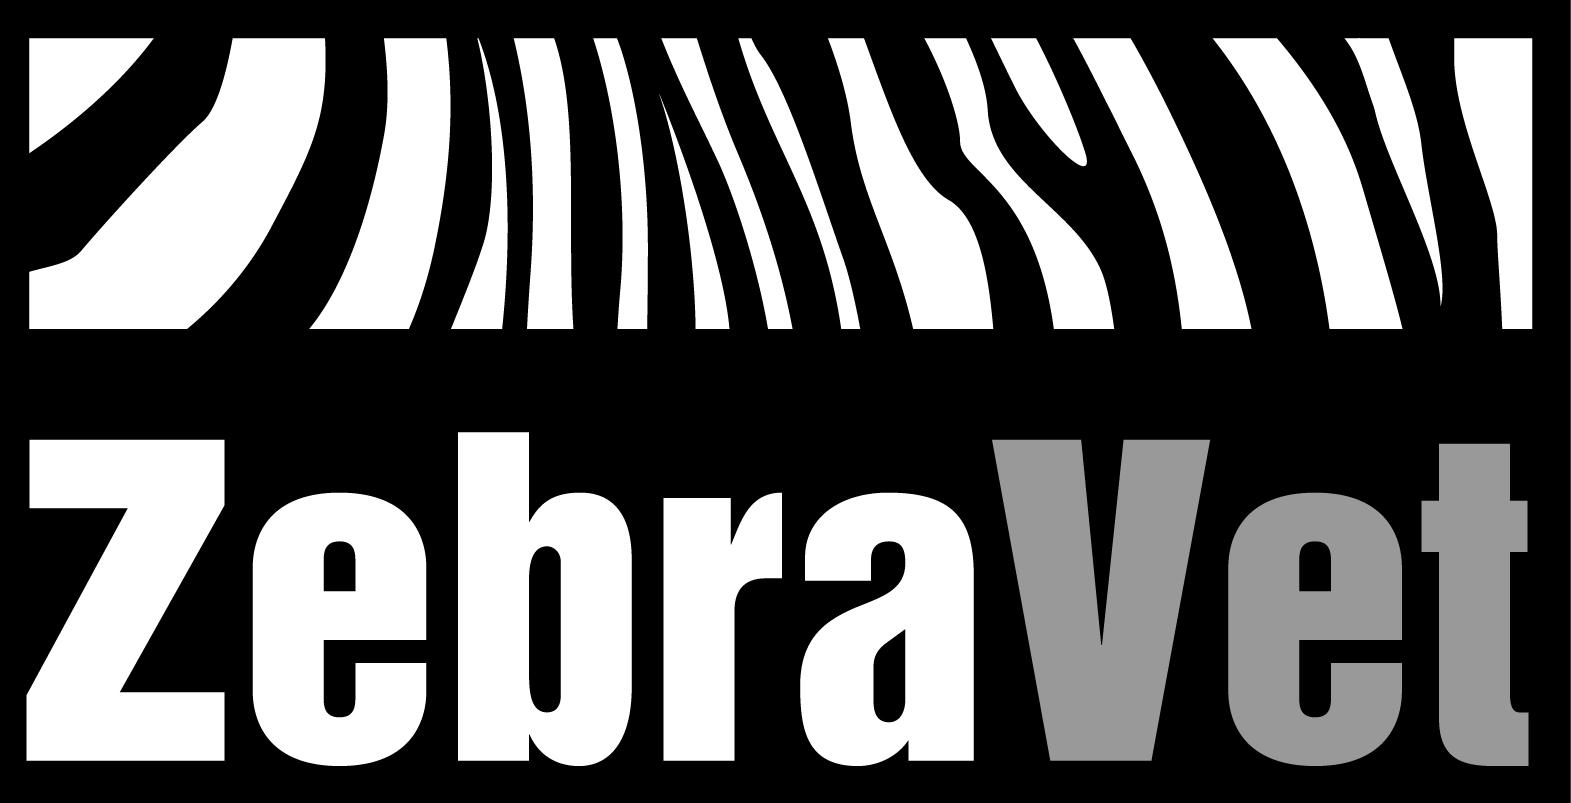 Zebravet